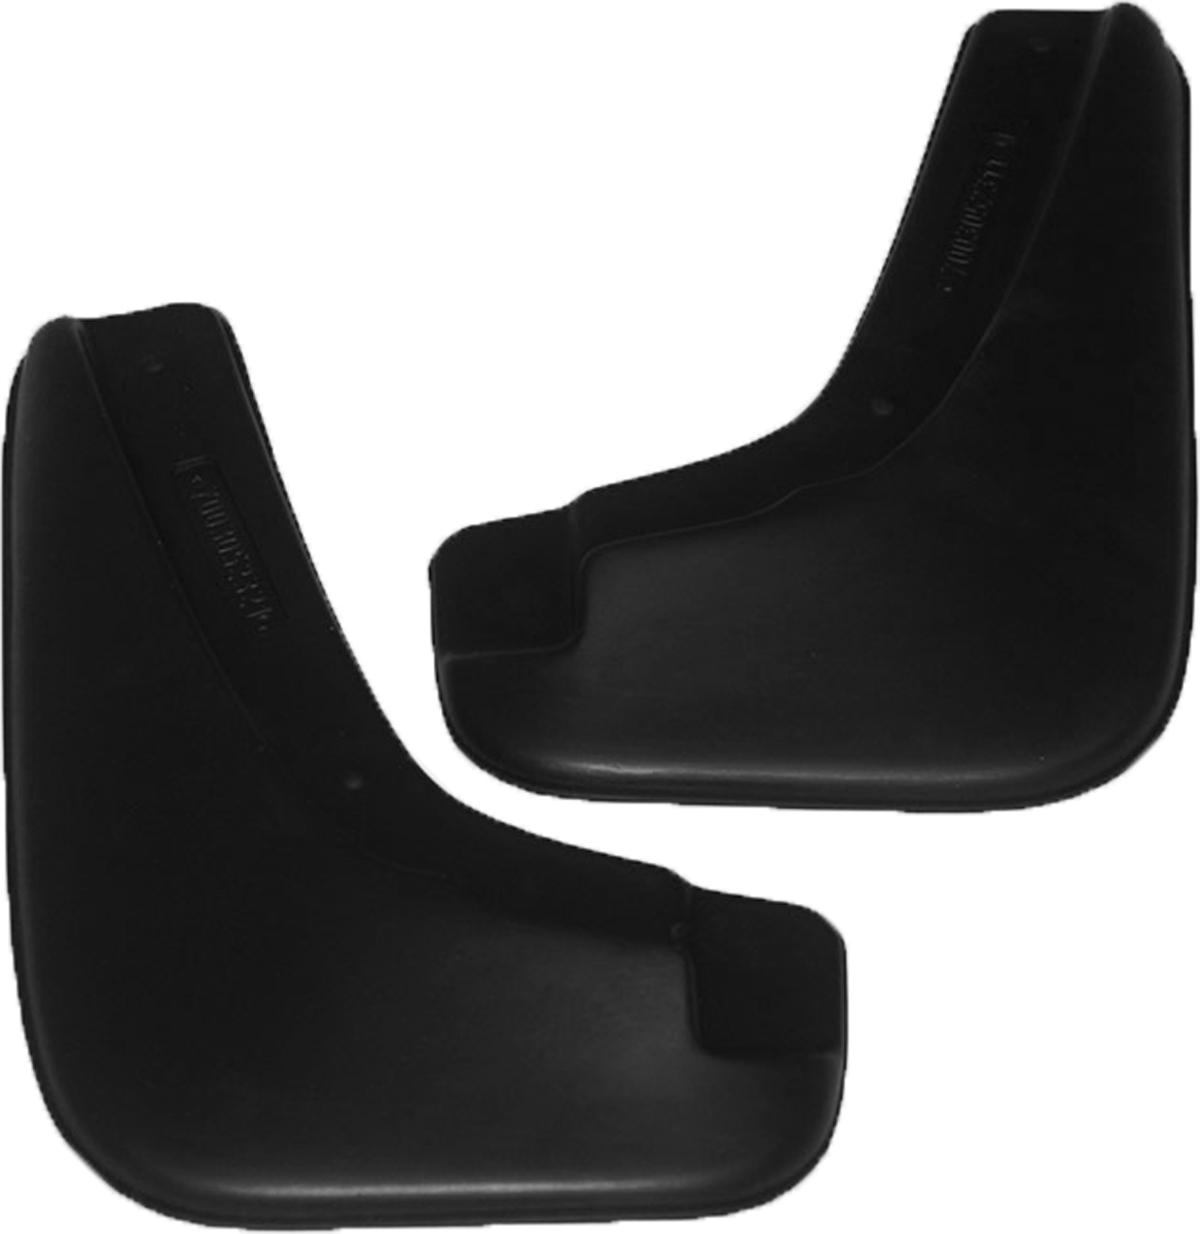 Комплект передних брызговиков L.Locker, для Kia Cerato (09-)4620019034603Брызговики L.Locker изготовлены из высококачественного полиуретана. Уникальный состав брызговиков допускает их эксплуатацию в широком диапазоне температур: от -50°С до +80°С. Эффективно защищают кузов автомобиля от грязи и воды - формируют аэродинамический поток воздуха, создаваемый при движении вокруг кузова таким образом, чтобы максимально уменьшить образование грязевой измороси, оседающей на автомобиле. Разработаны индивидуально для каждой модели автомобиля, с эстетической точки зрения брызговики являются завершением колесной арки.